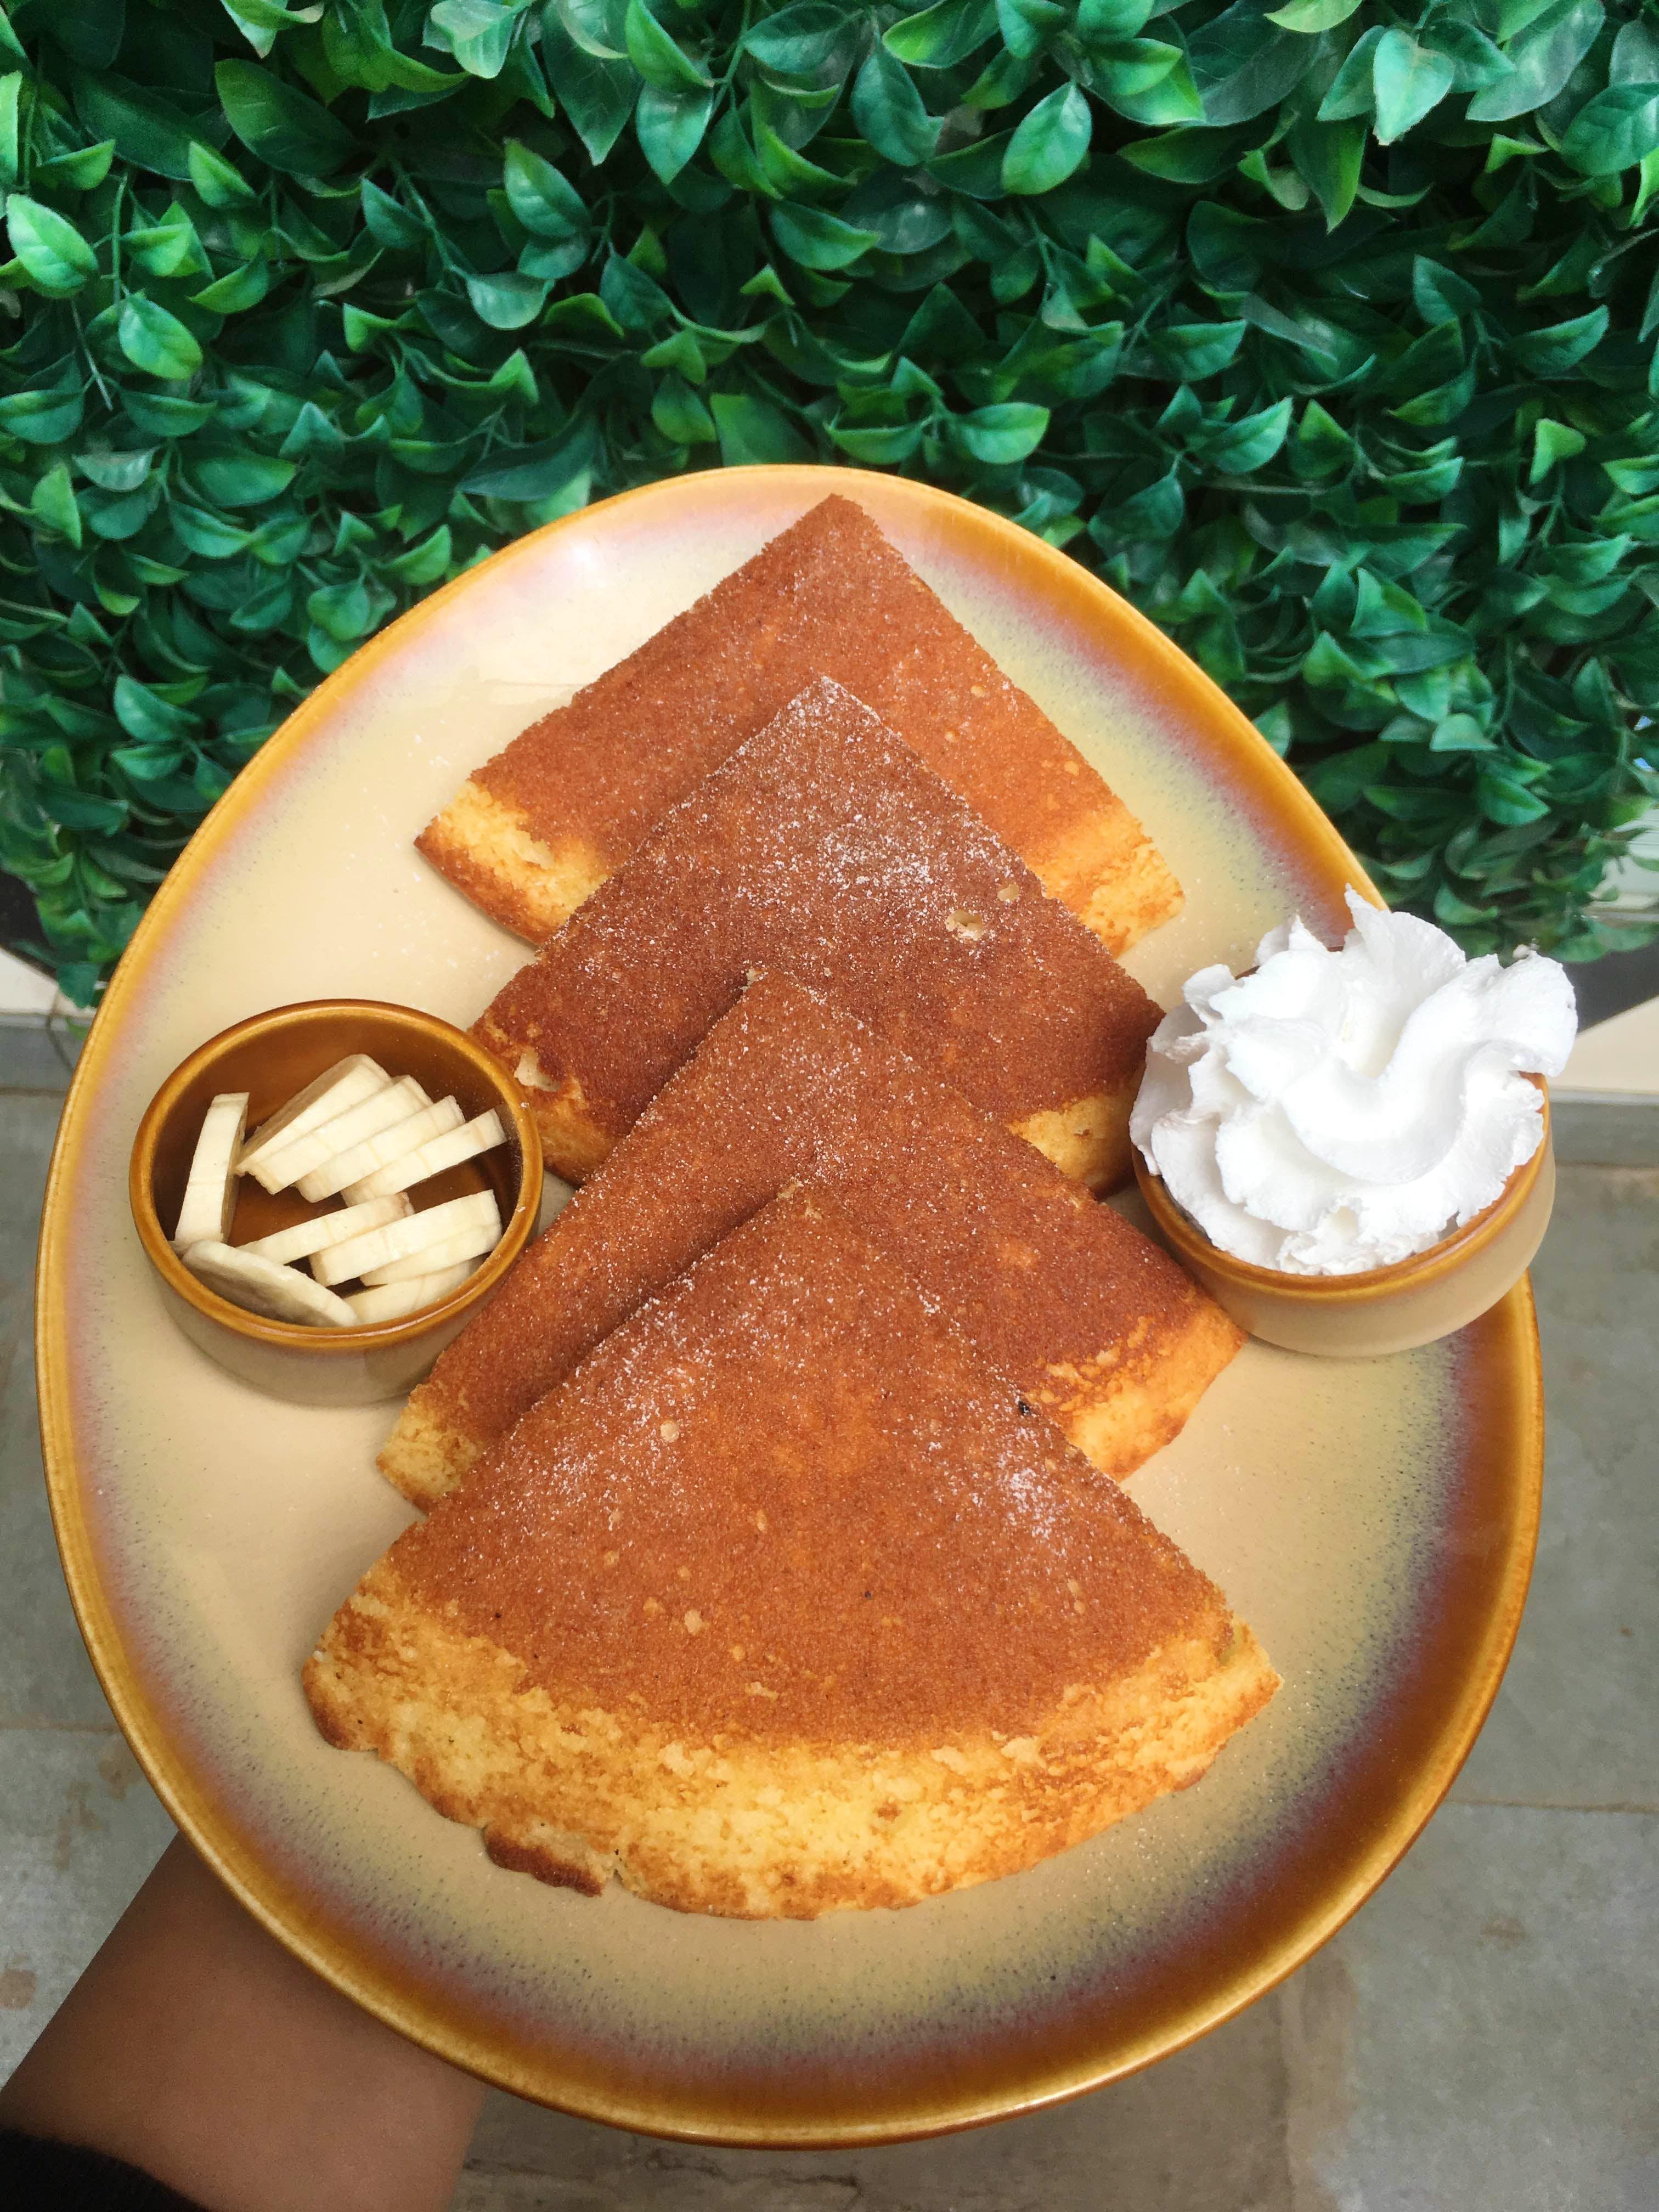 Food,Dish,Cuisine,Dessert,Pumpkin pie,Zuccotto,Ingredient,Baked goods,Cake,Torte